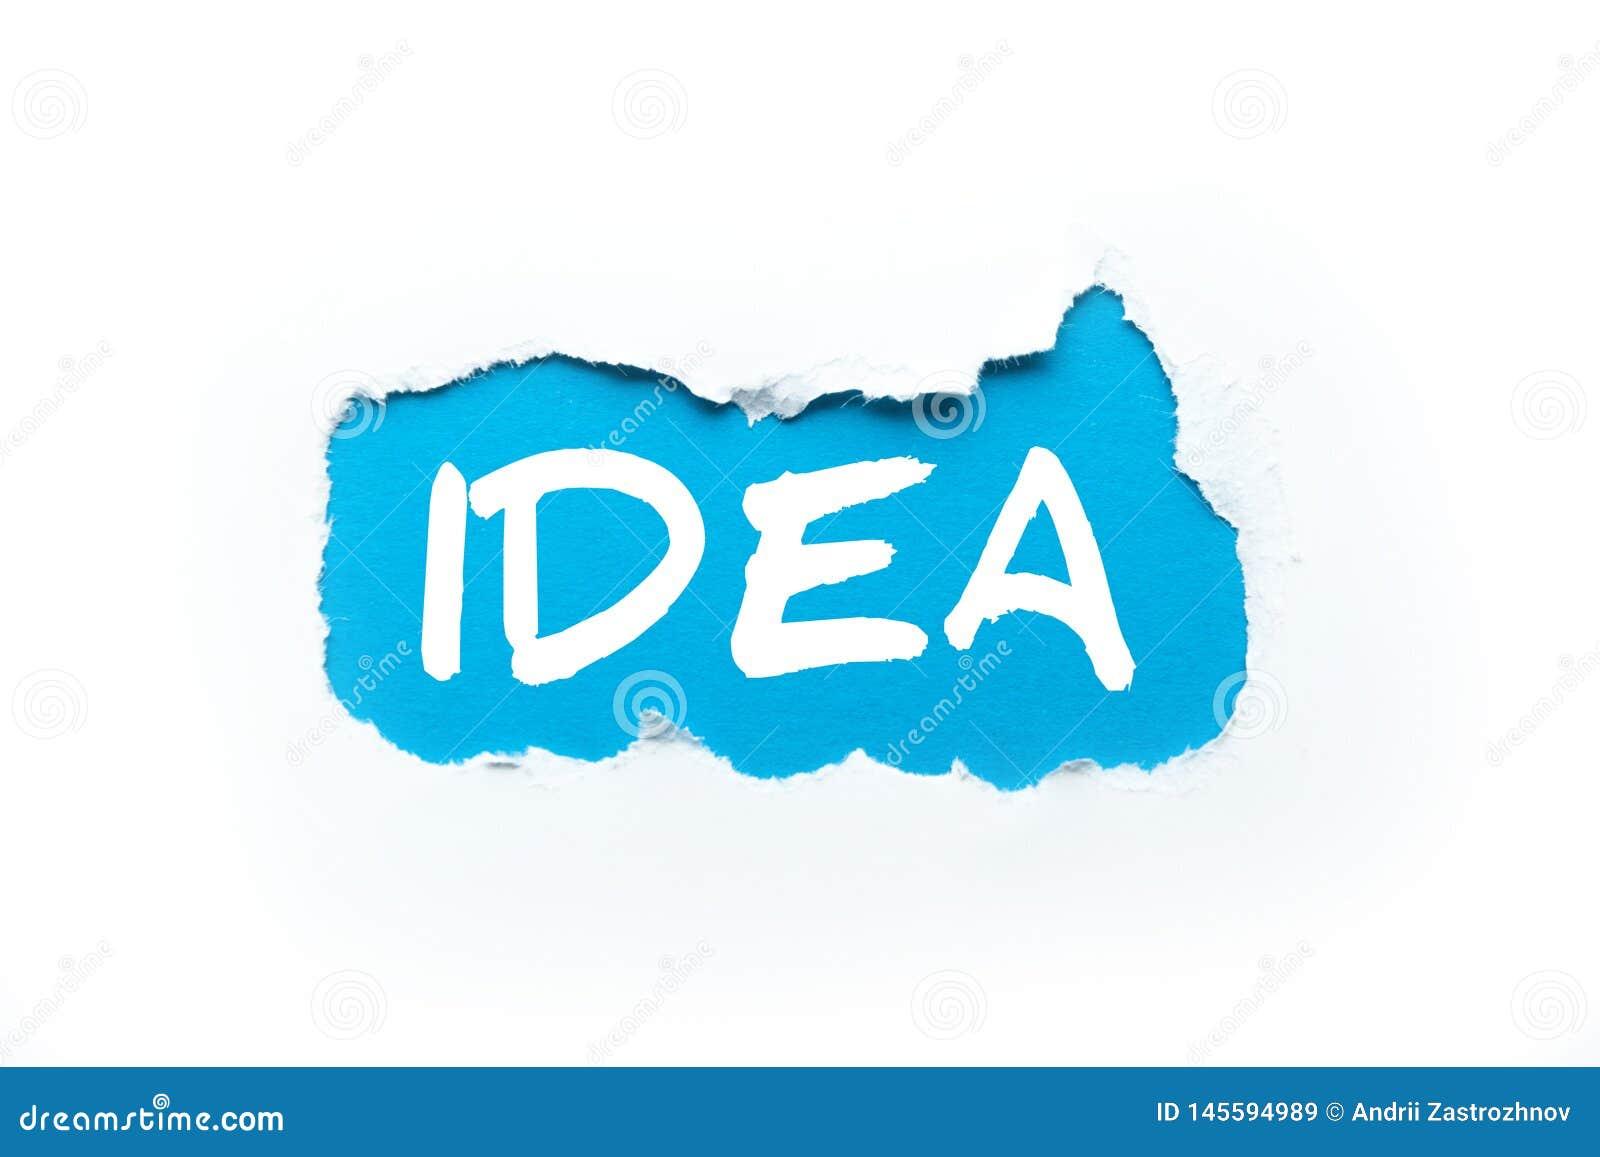 Ein Loch in einem weißen Hintergrund, die Aufschrift 'Idee 'auf Blau